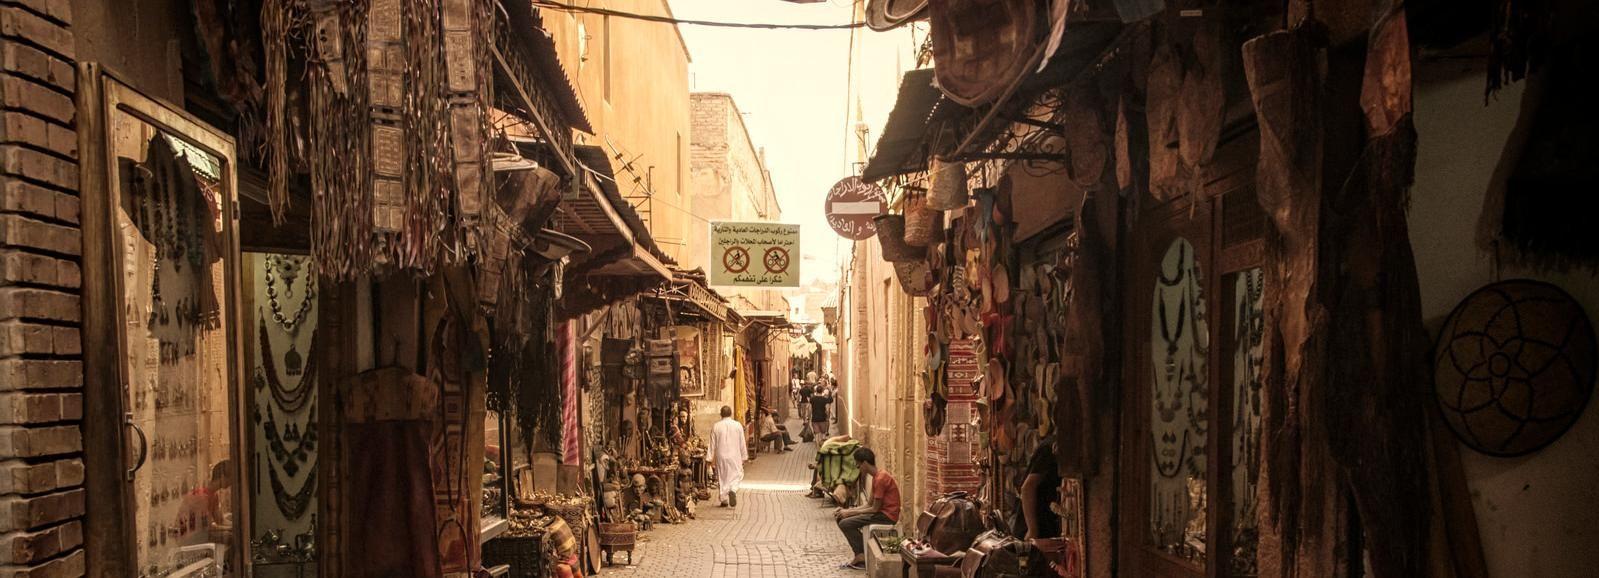 Marrakesch: Privattour mit einem Einwohner